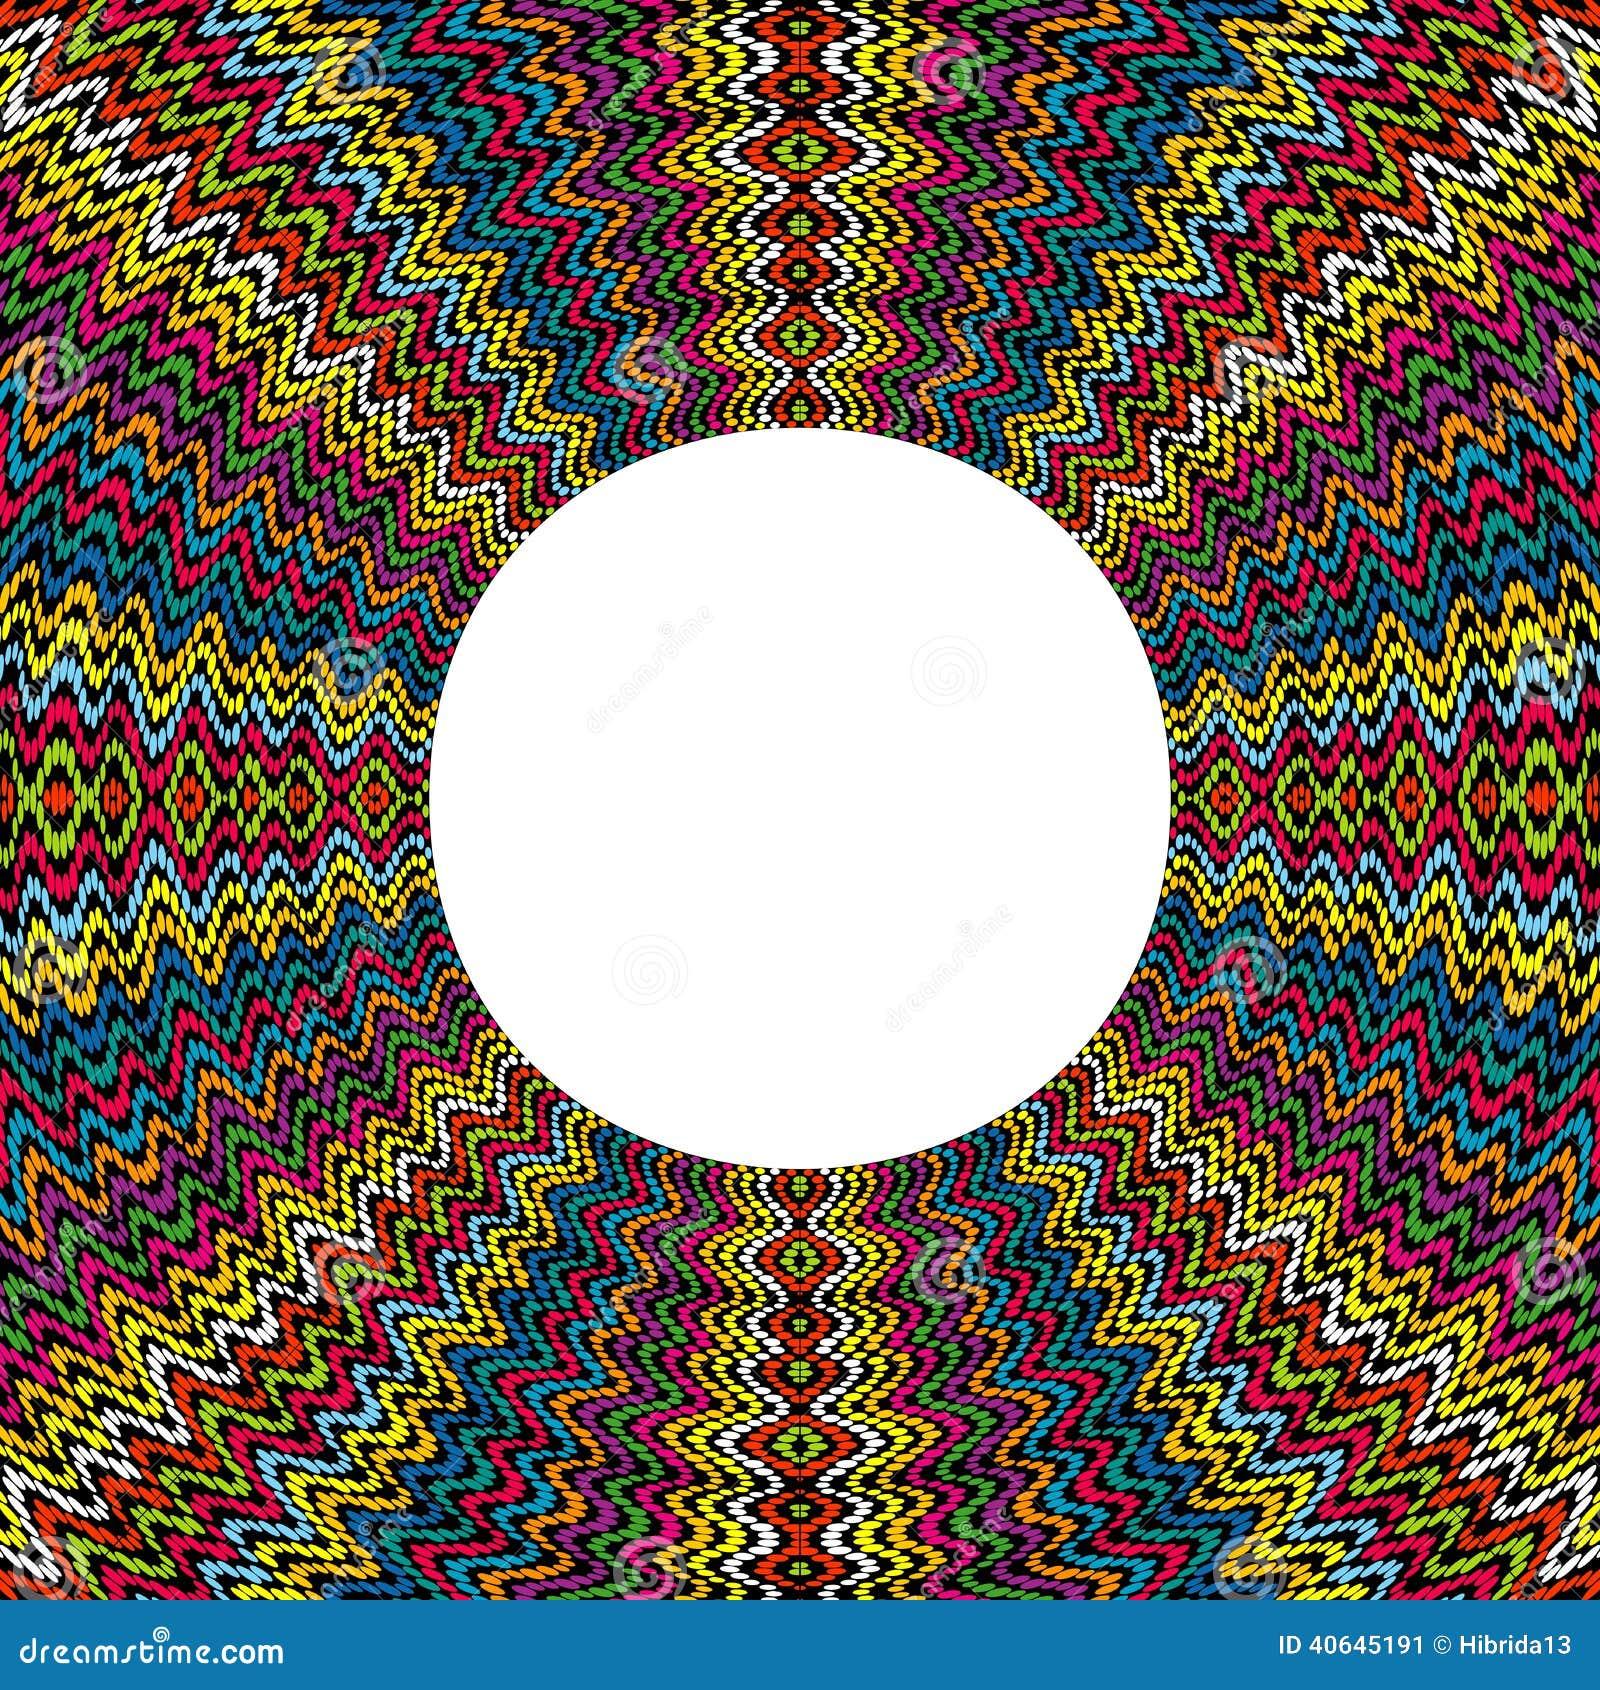 Χρωματισμένος γύρω από το πλαίσιο φιαγμένο από σημεία με τη θέση για το κείμενο